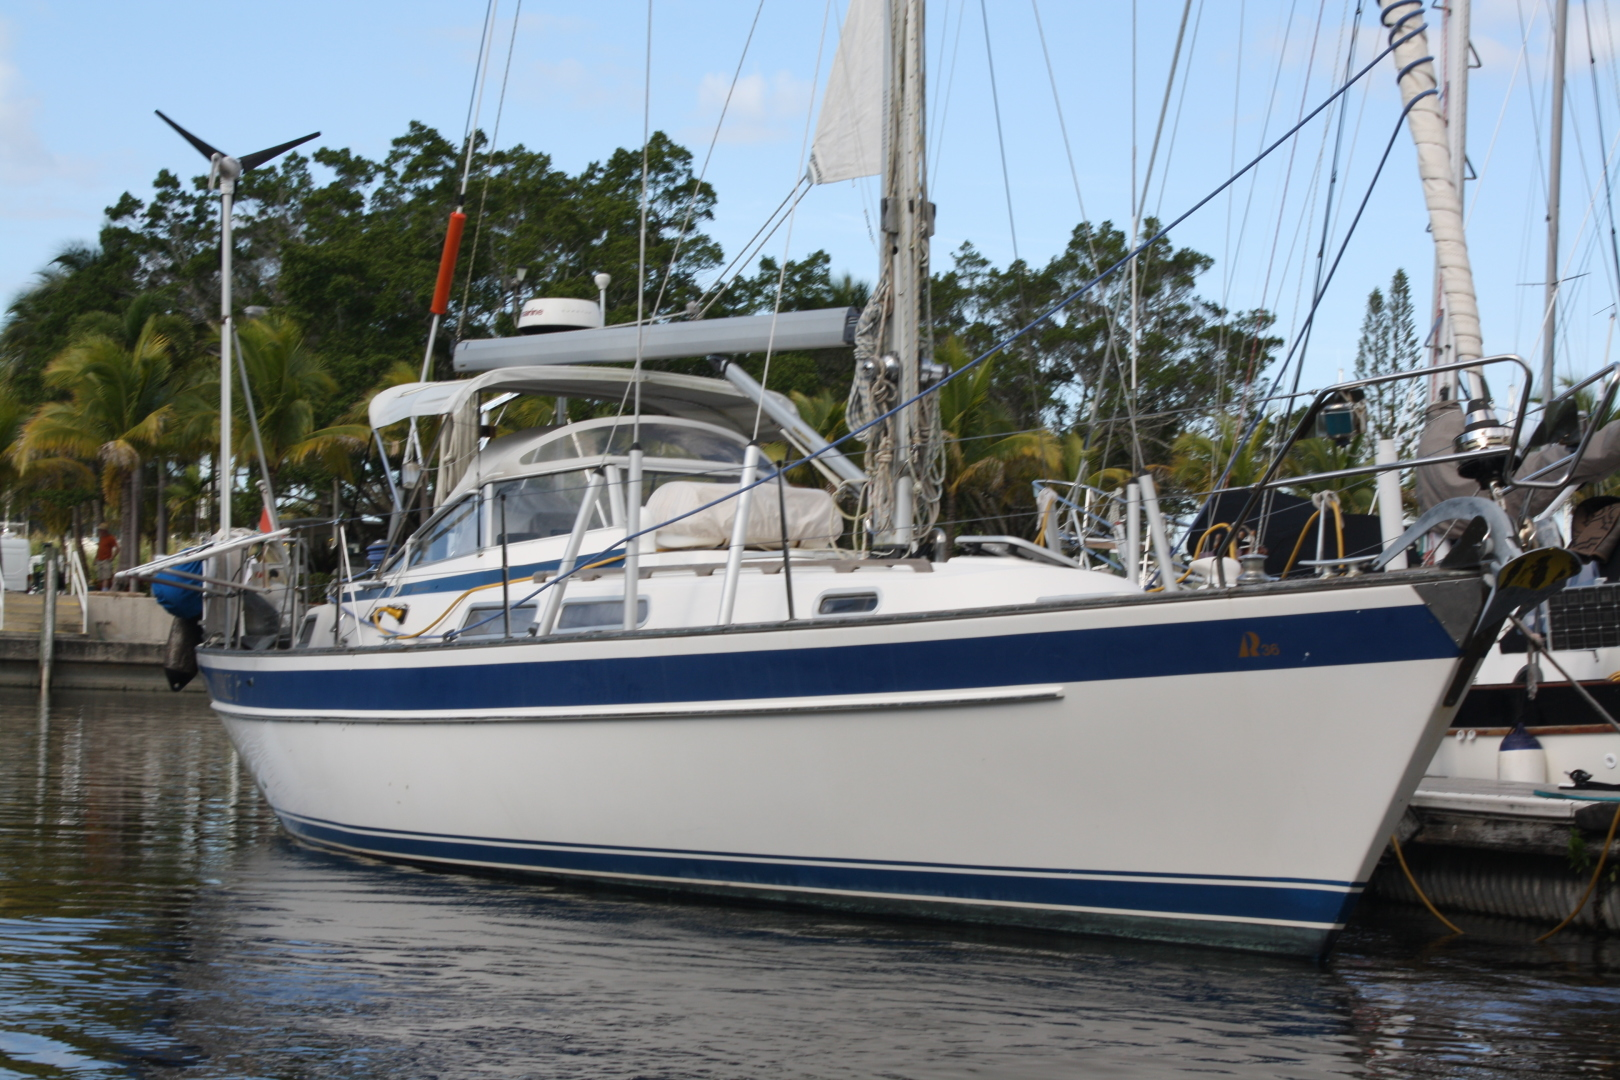 Hallberg-Rassy-36 MKII 2002-Vivace 1 Stuart-Florida-United States-1312621   Thumbnail